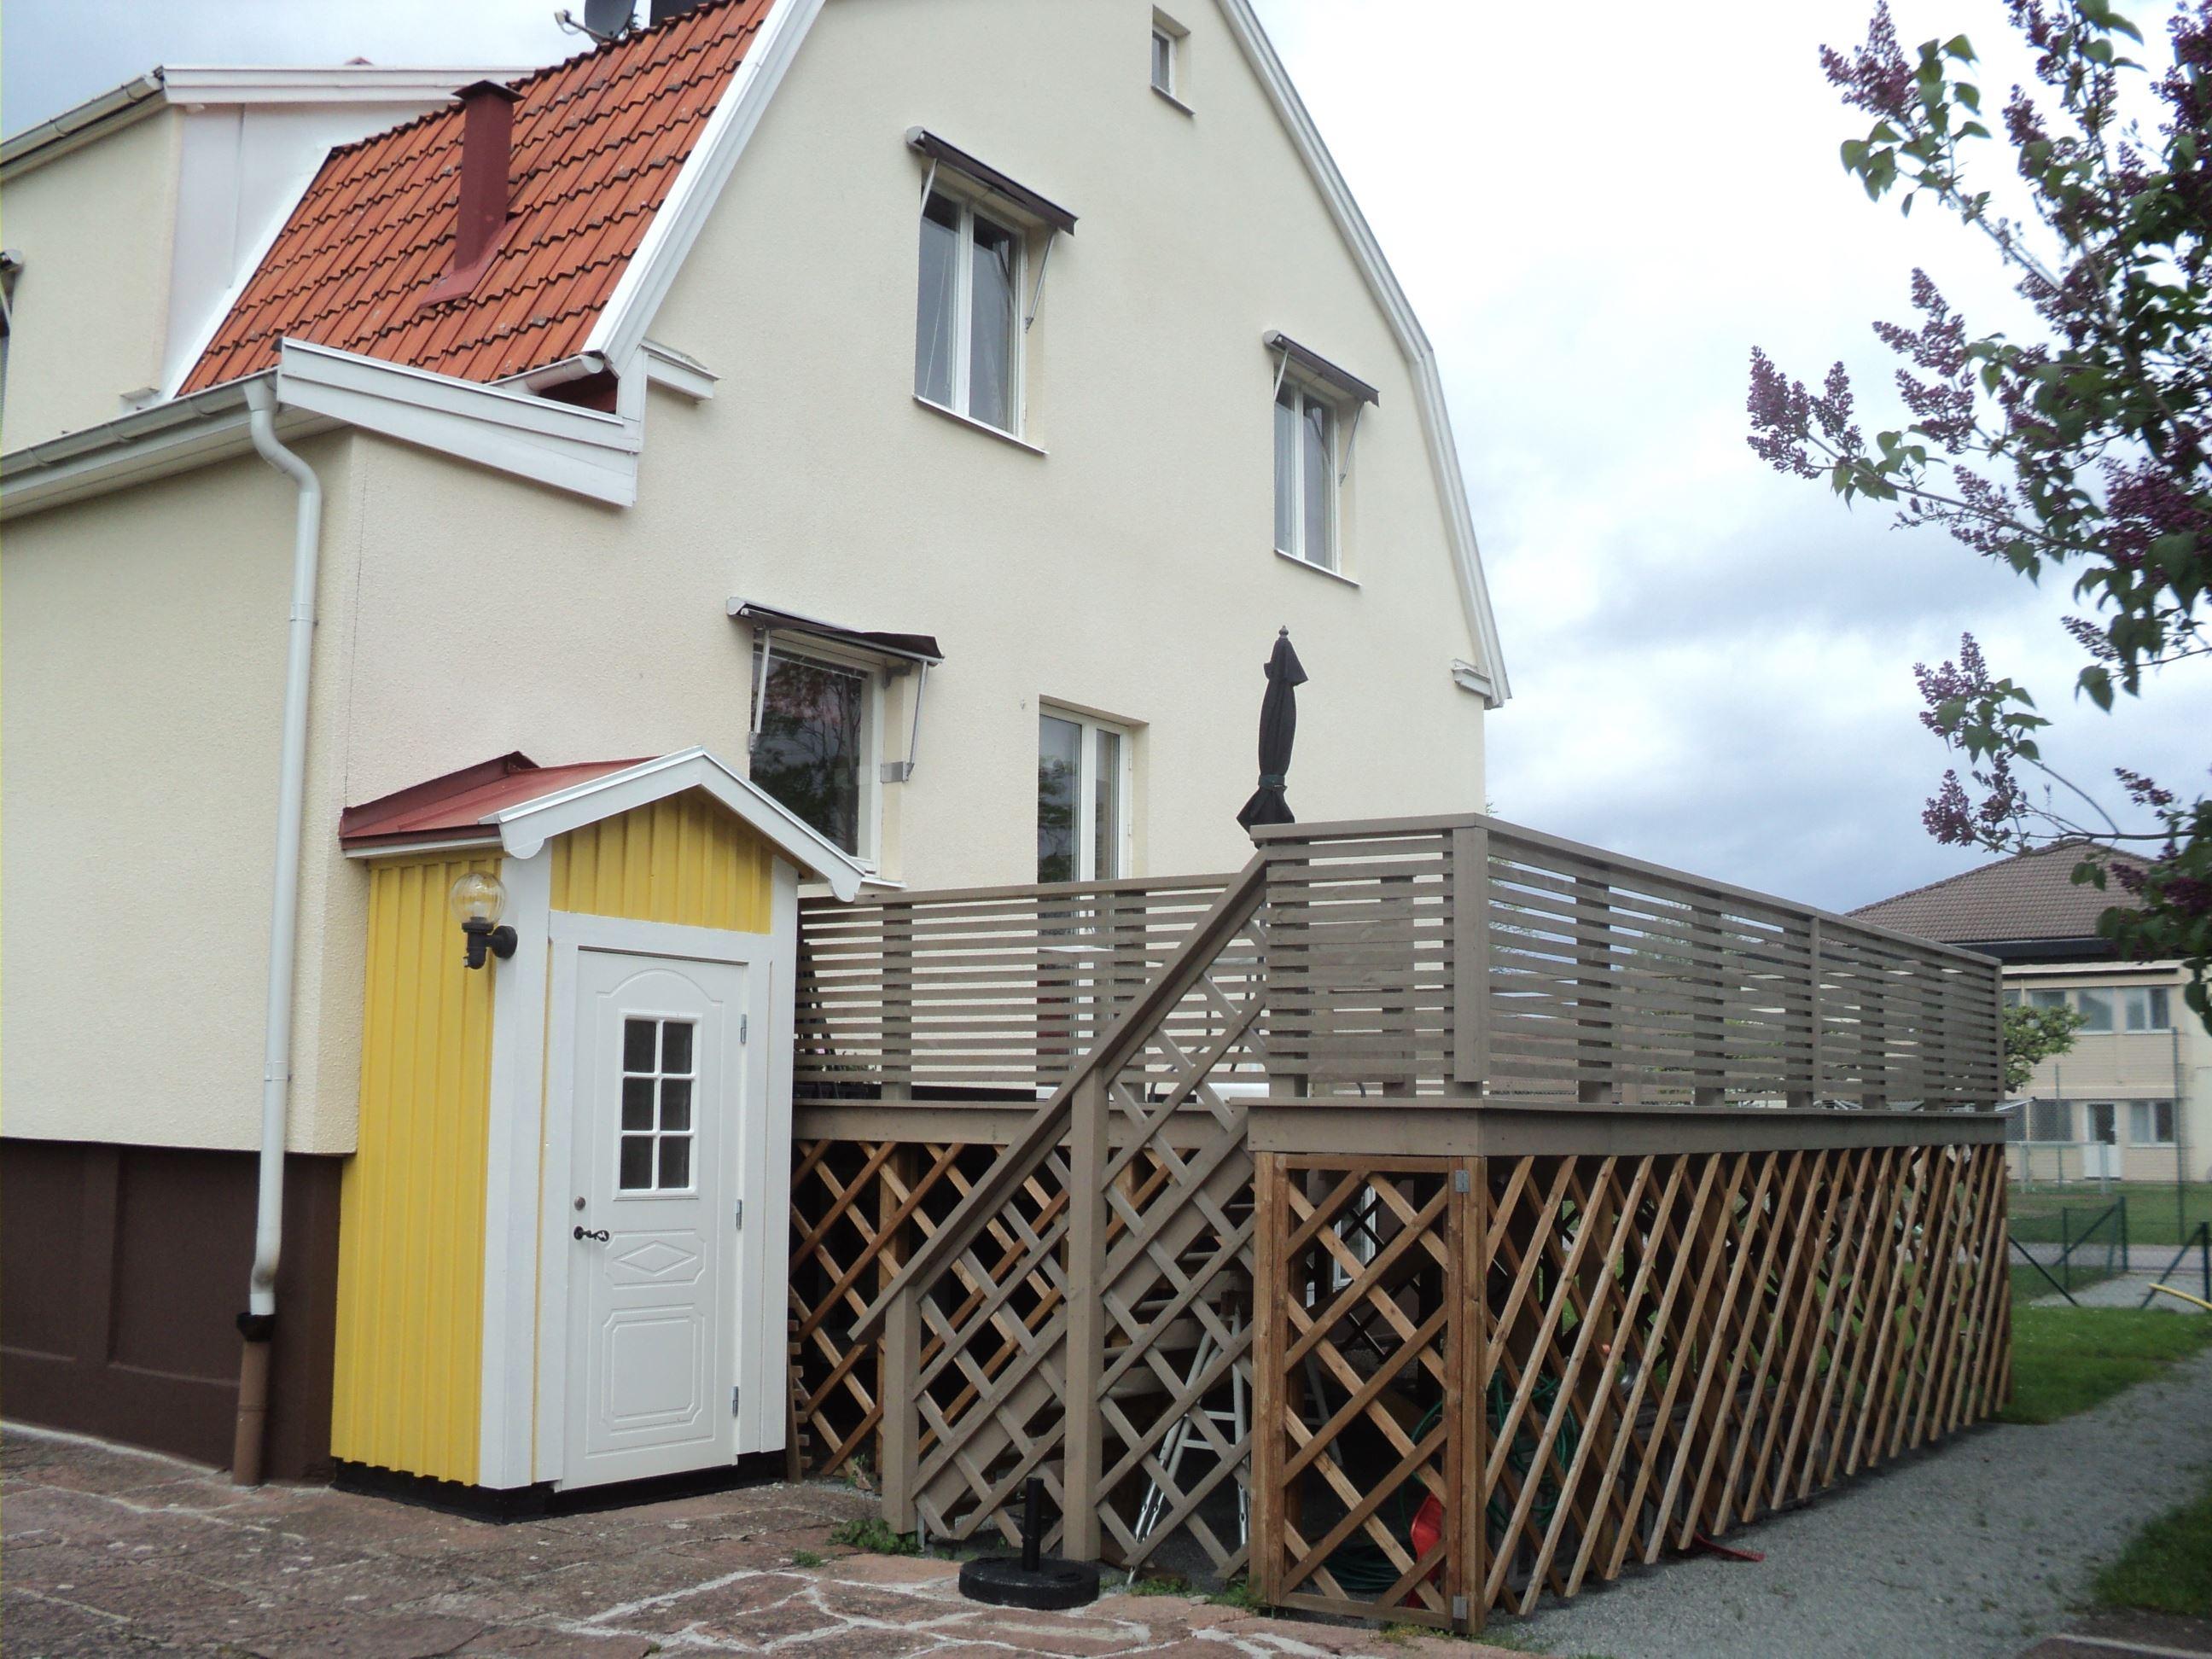 O152000 Borgholm, pets allowed, maximum of 1 dog